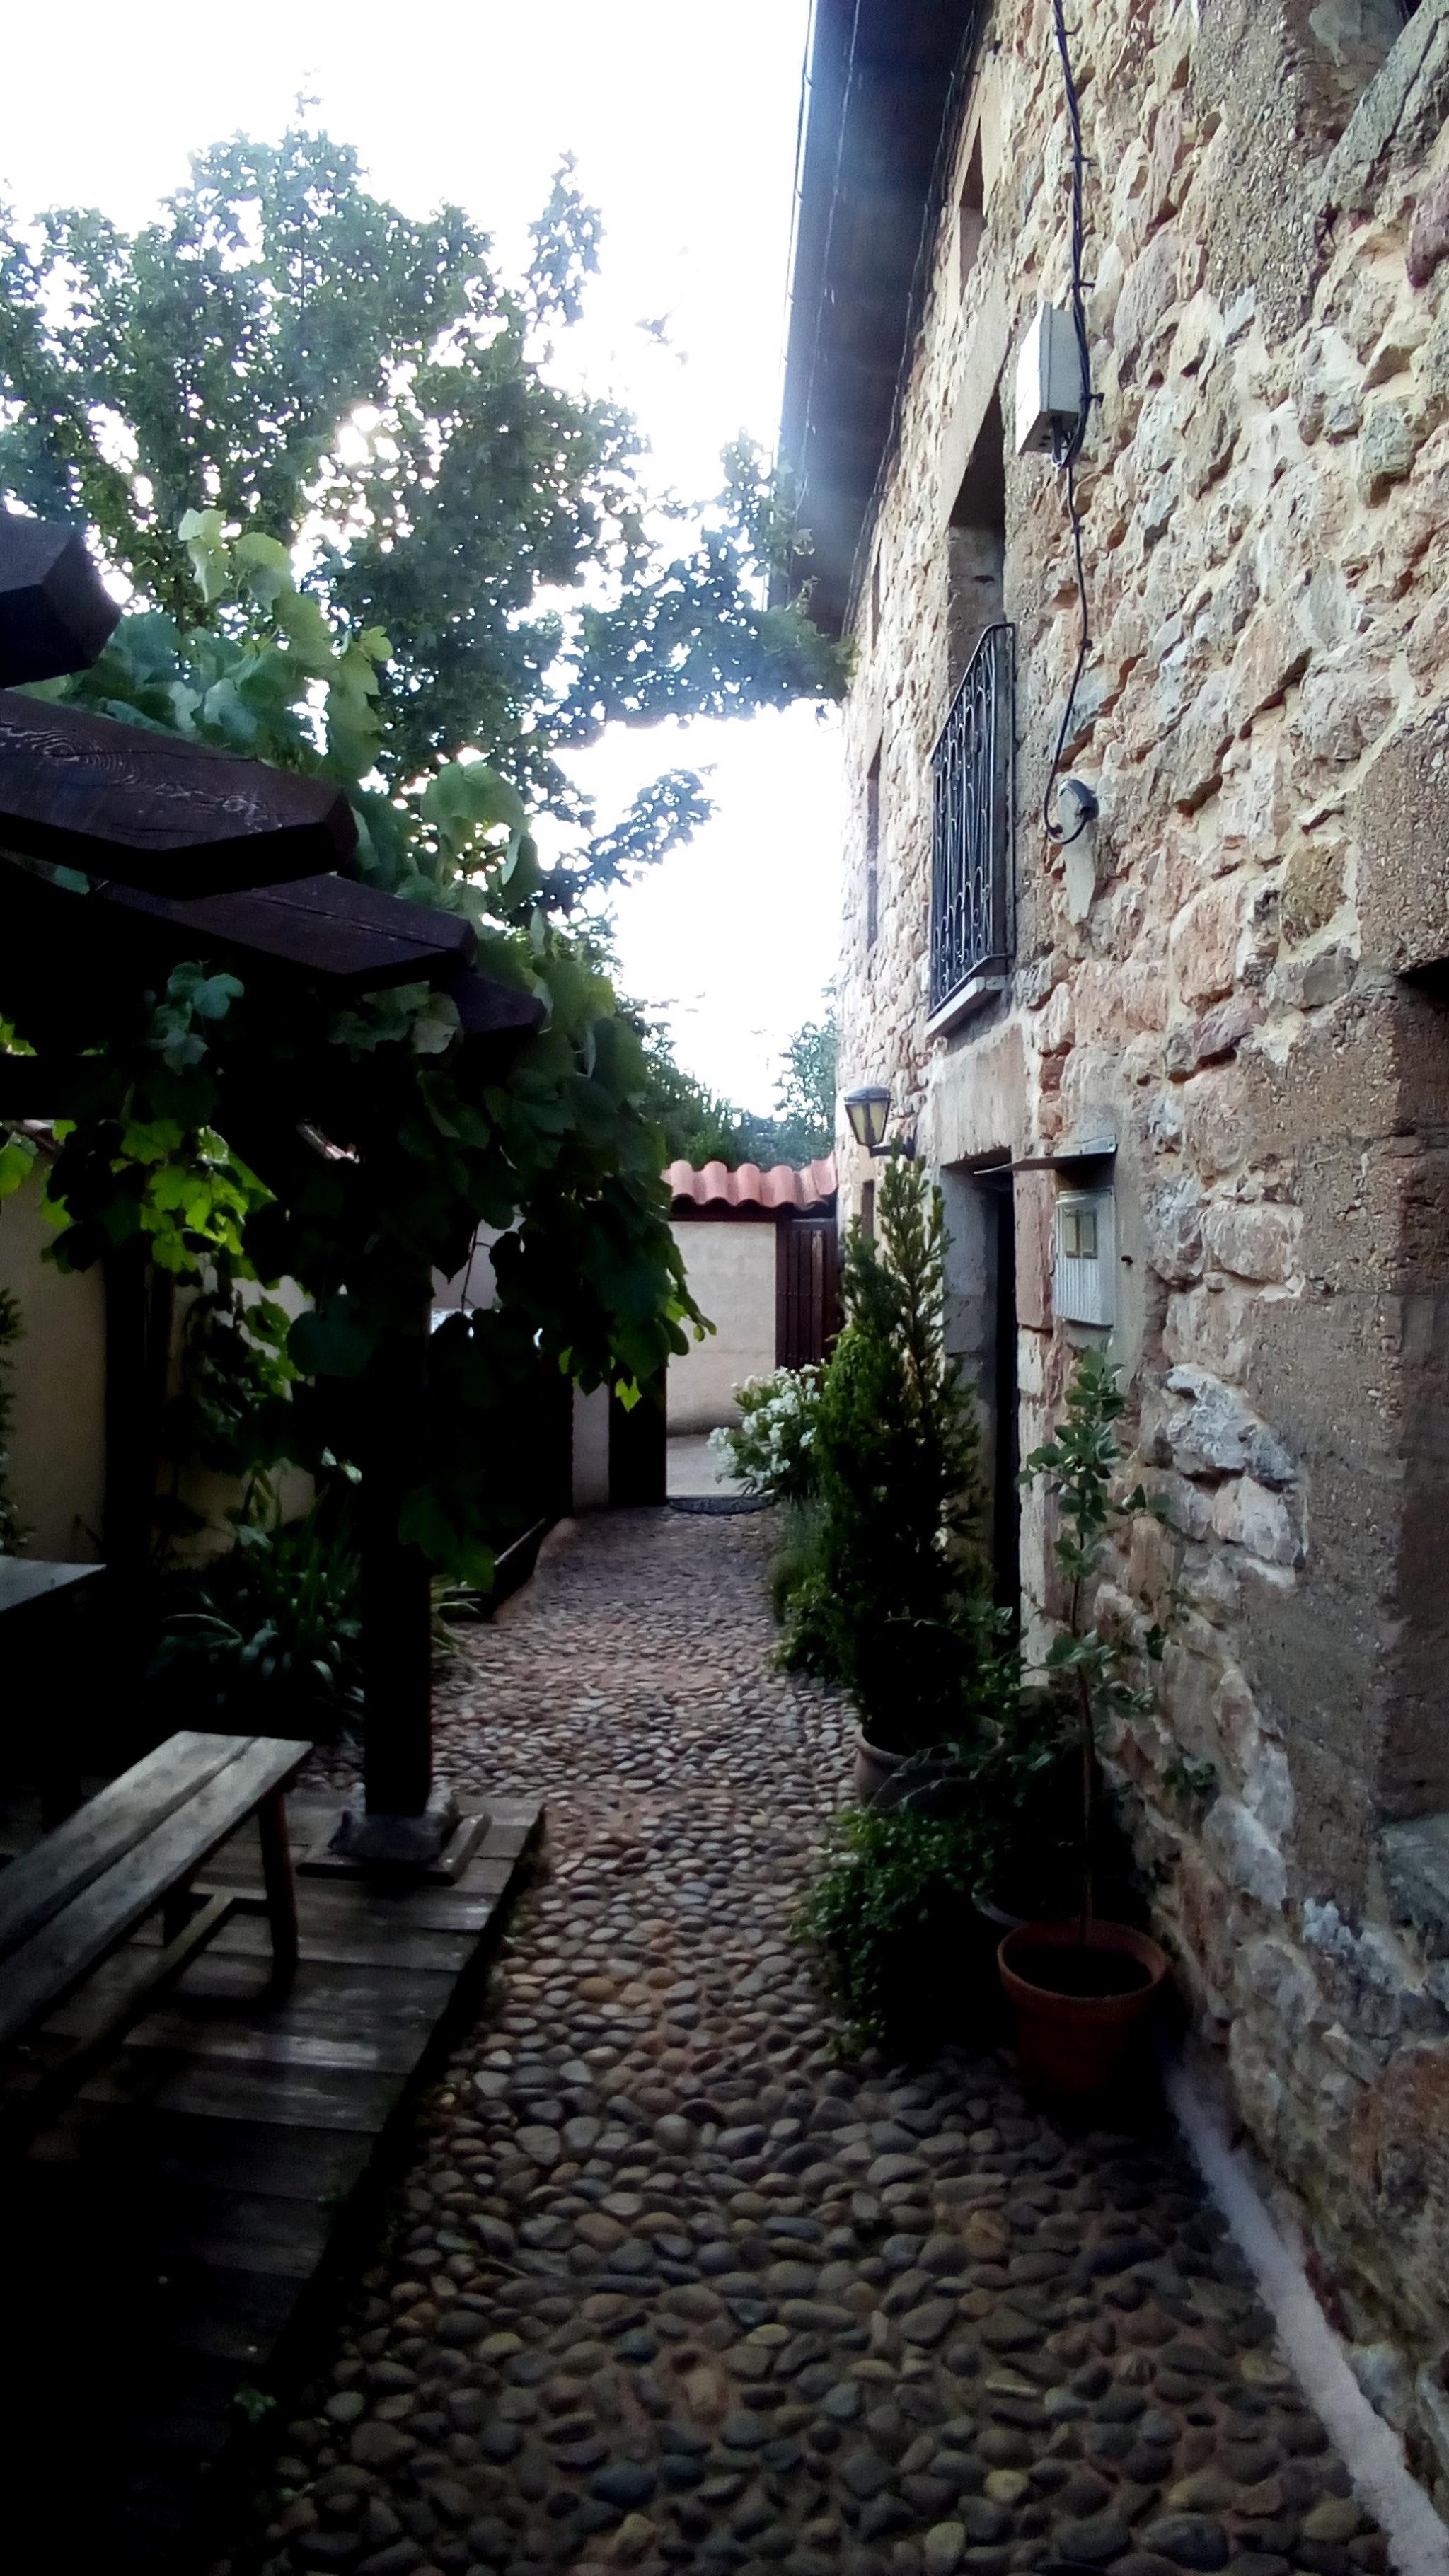 Ferienhaus Haus mit 5 Zimmern in Fuenteodra mit toller Aussicht auf die Berge, eingezäuntem Garten un (2211142), Fuenteodra, Burgos, Kastilien-León, Spanien, Bild 57